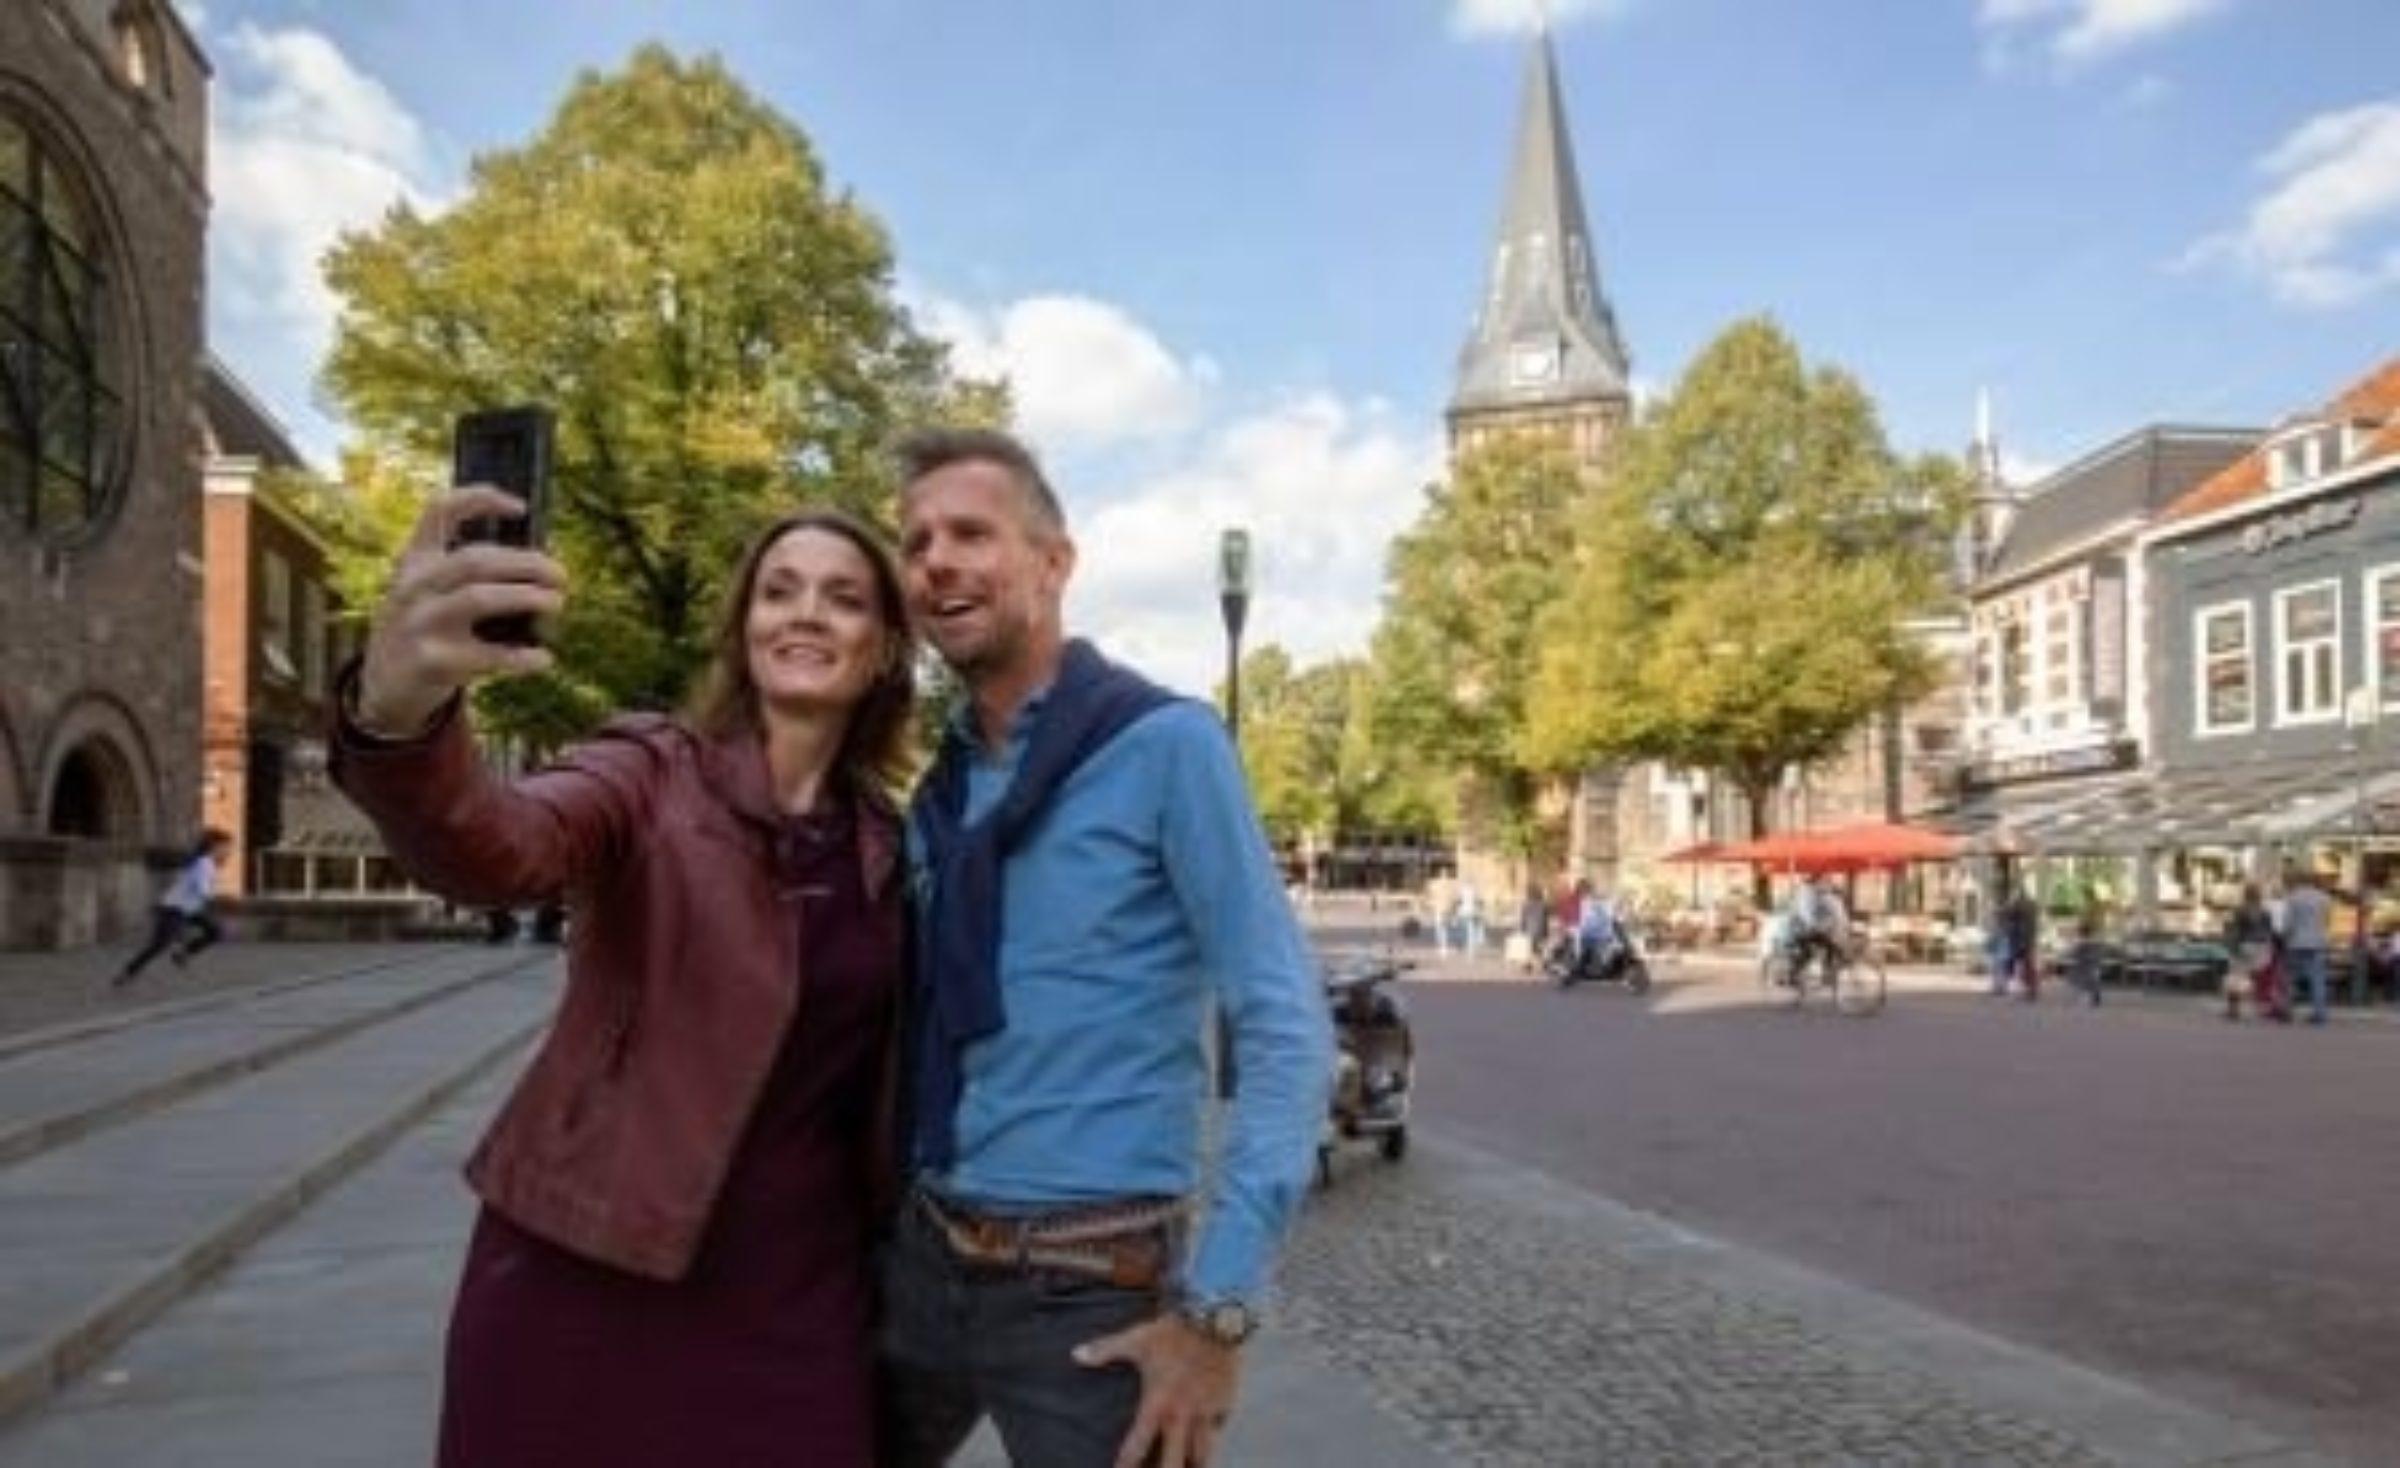 2018 40Shoot Ebo Fraterman Oude Markt Grote Kerk 3 Gecomprimeerd